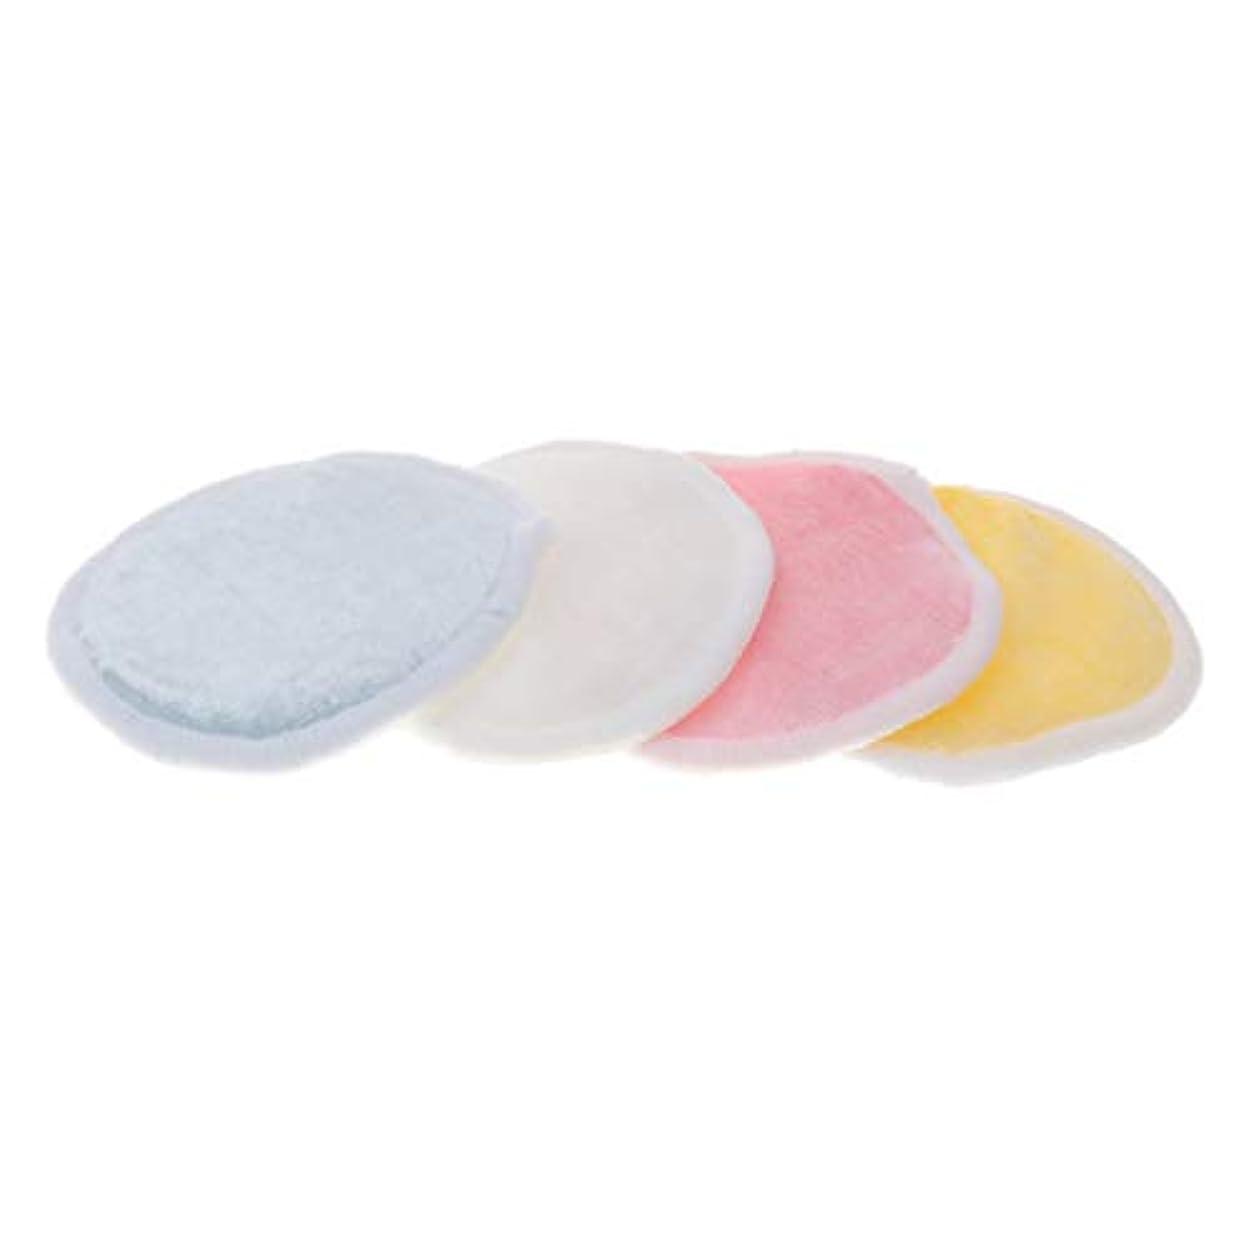 回転怒り比喩全2サイズ メイク落としコットン クレンジングシート 化粧水パッド 再使用可 バッグ付 化粧用 4個入 - L